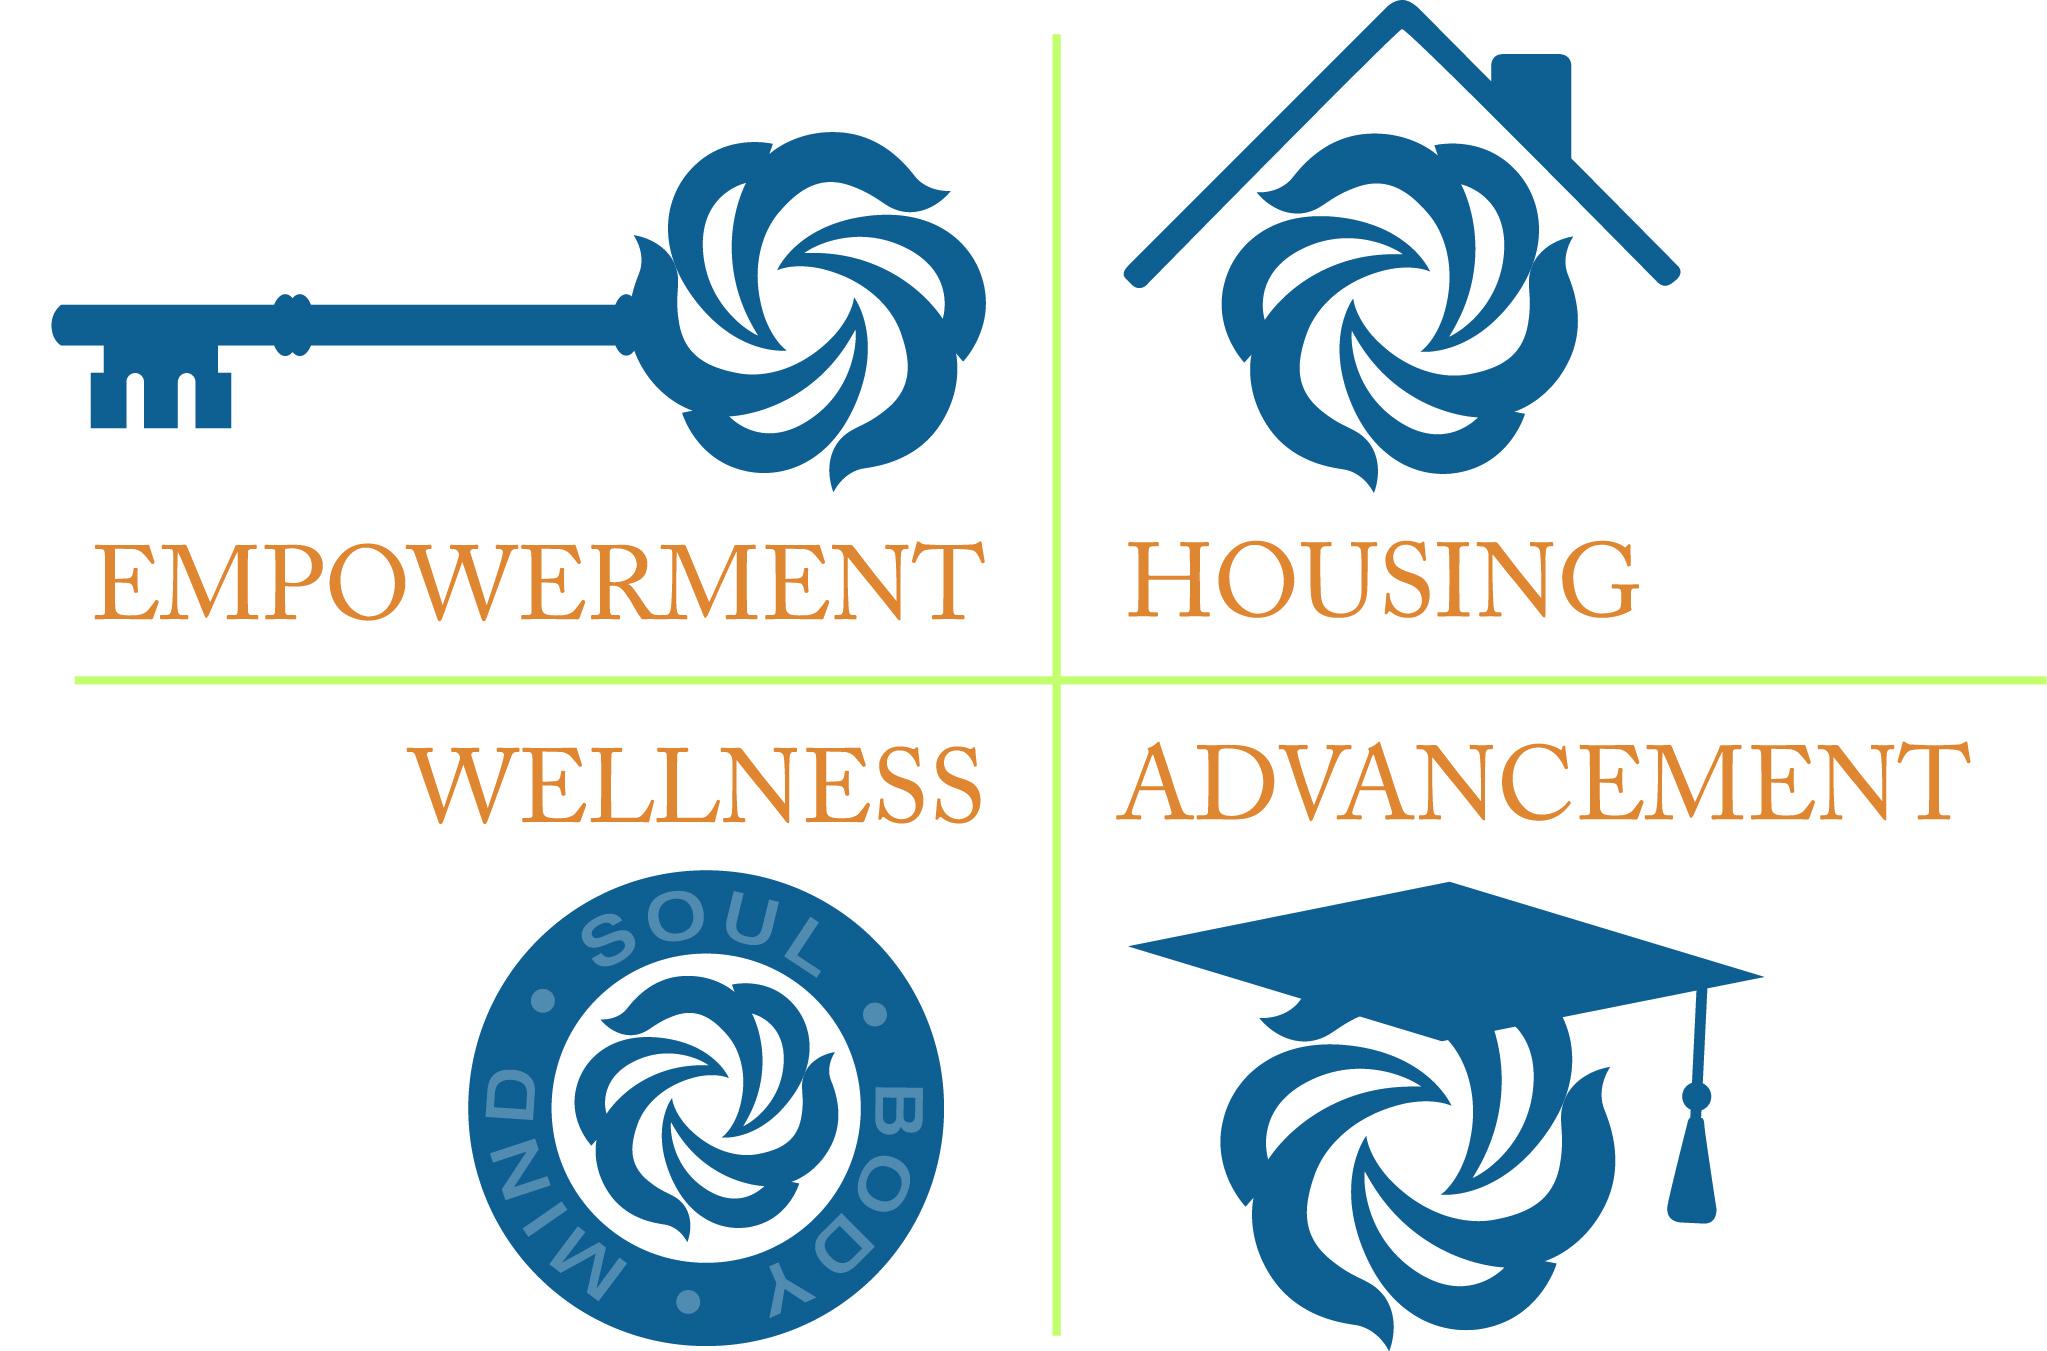 Empowerment, Housing, Wellness, Advancement